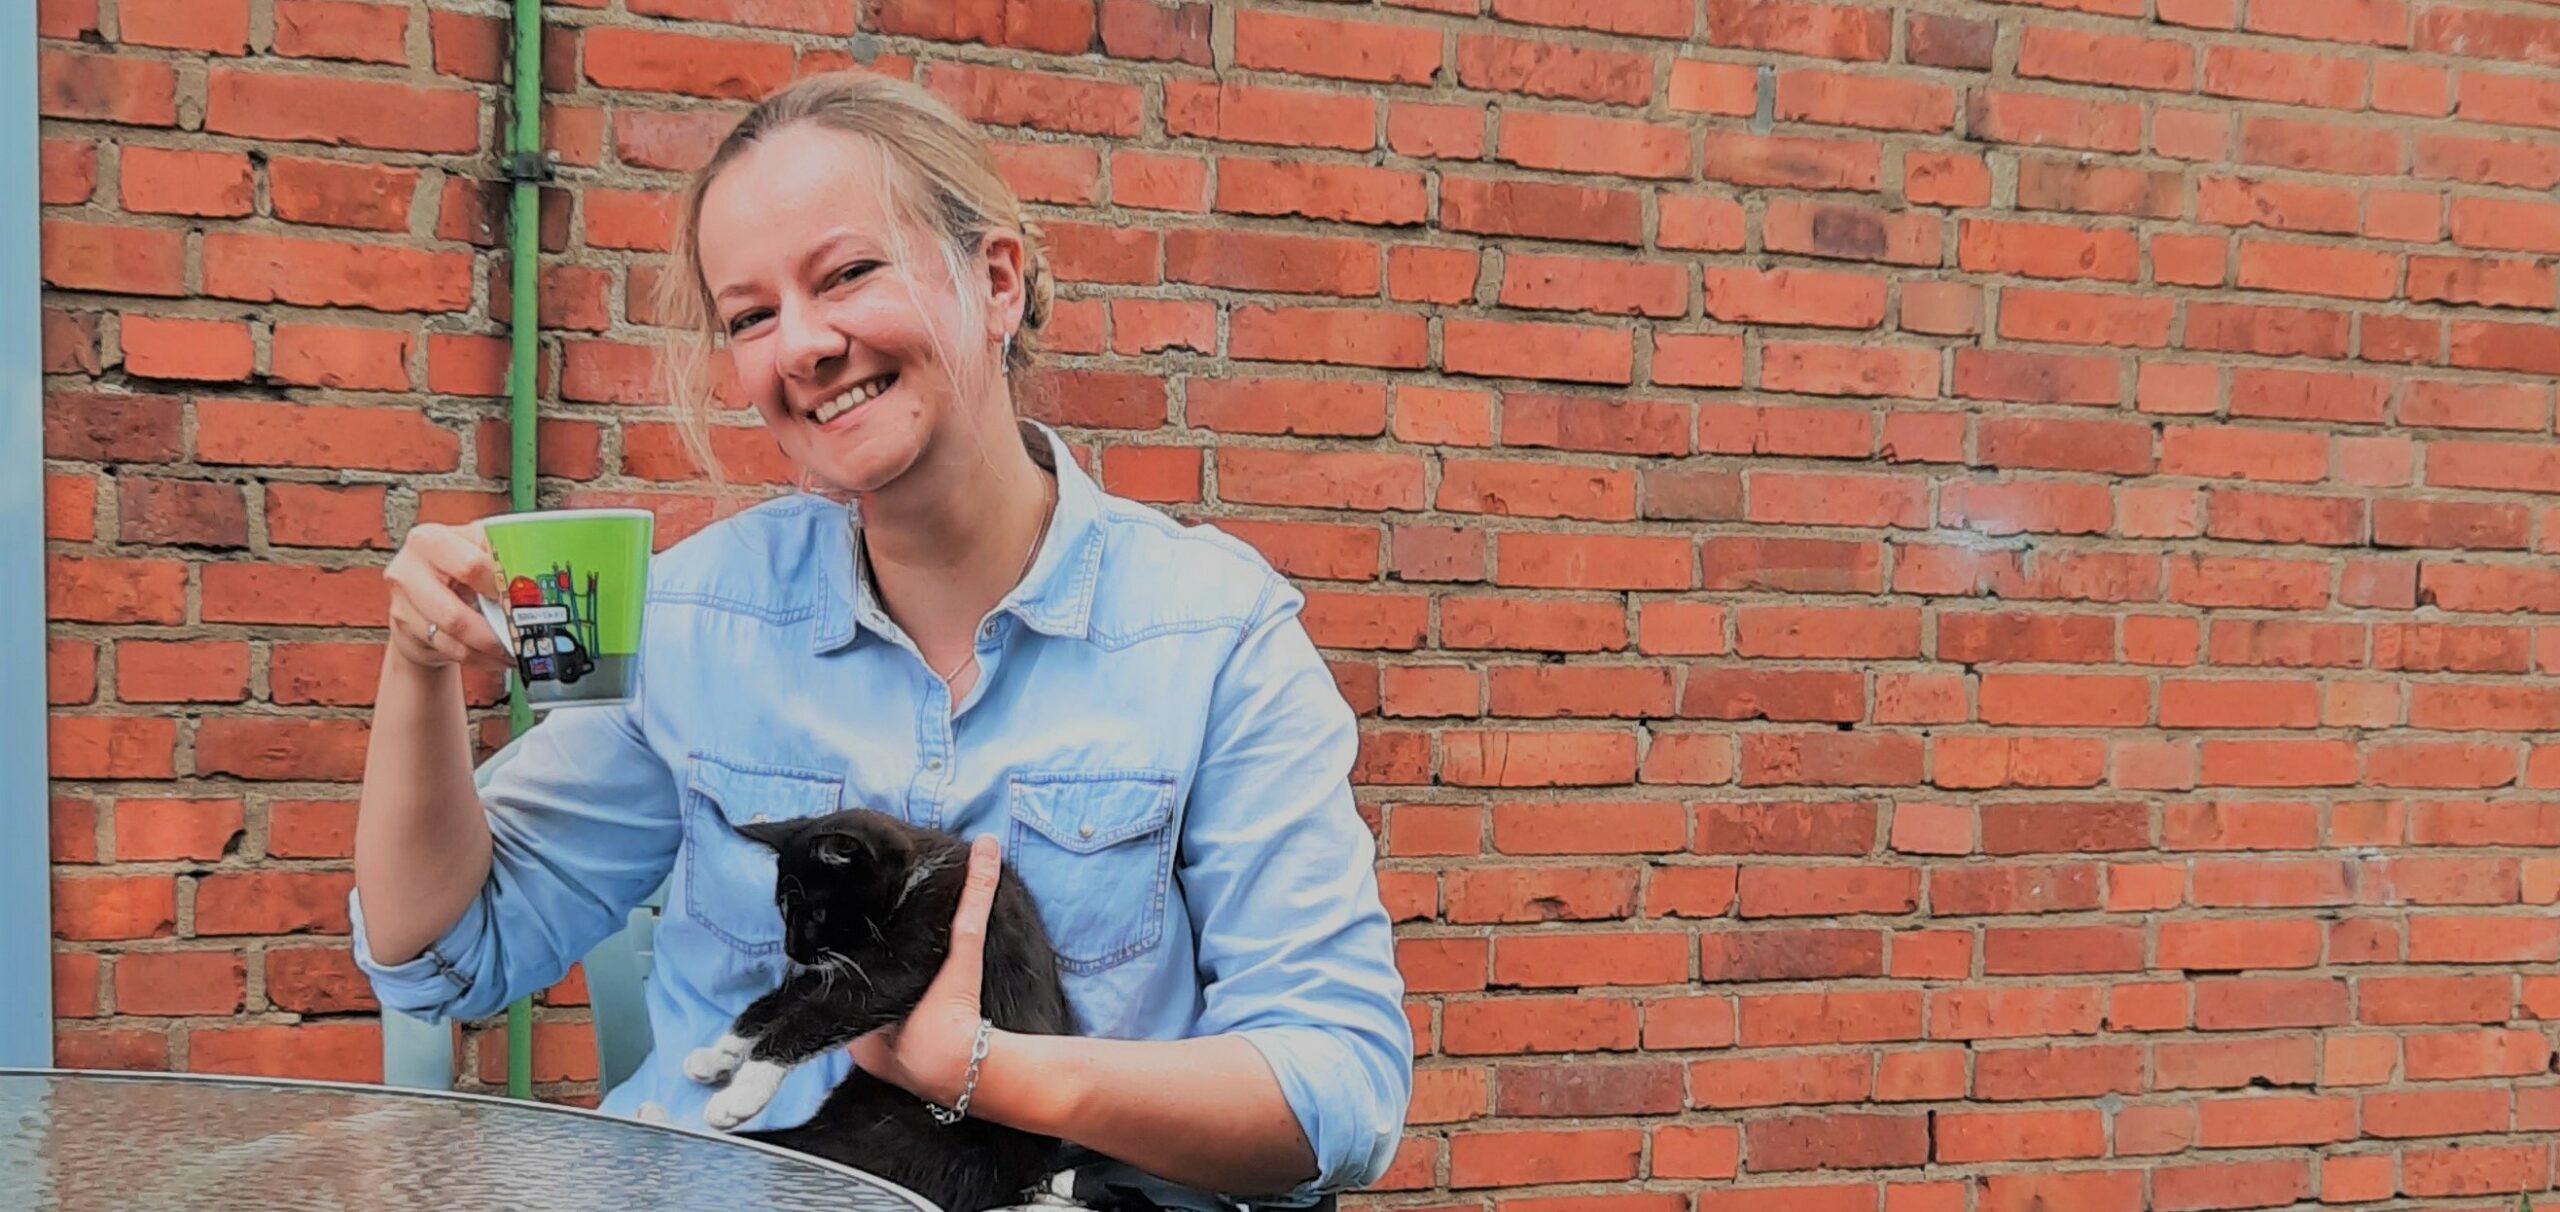 Frau Tomma Theophil sitzt vor Backsteinwand lächelt Kaffeetasse in der rechten Hand schwarze Katze auf dem schoß